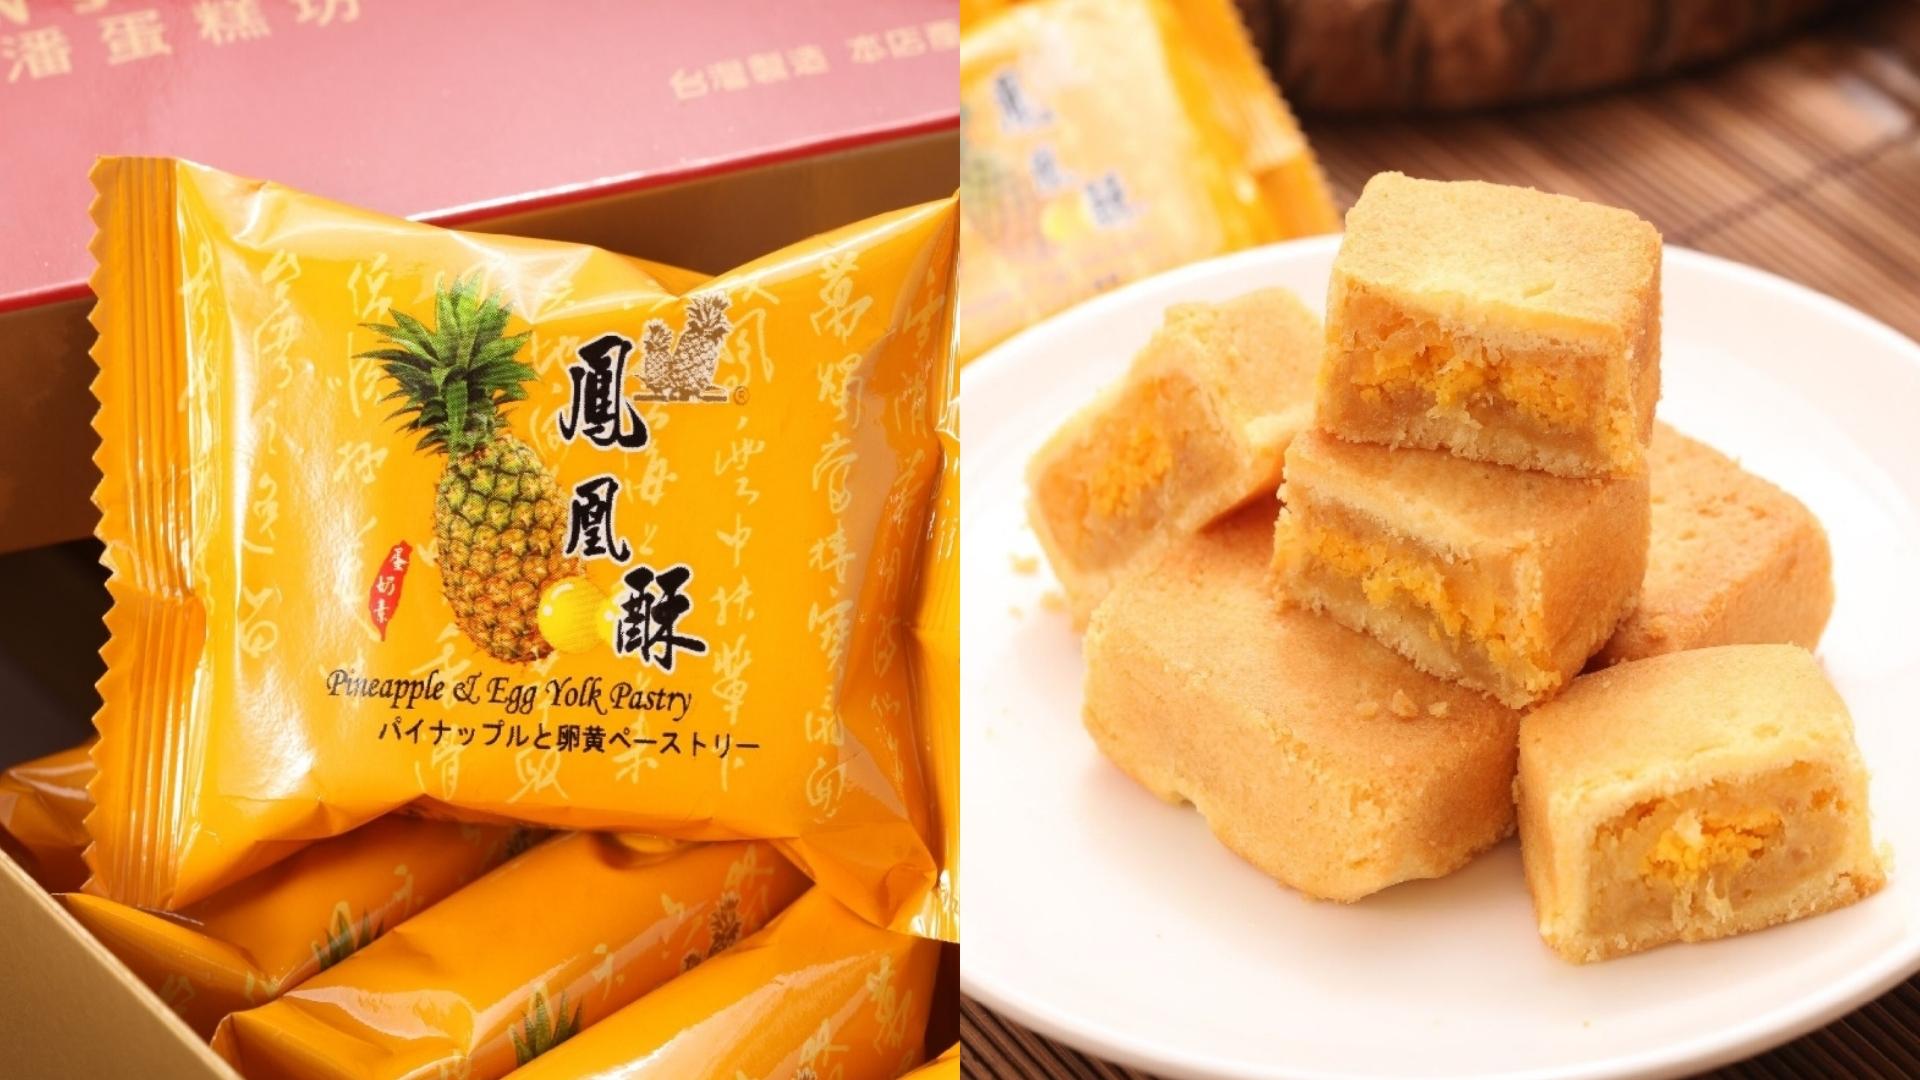 而和傳統鳳梨酥不同,小潘在加入蛋黃的鳳黃酥香濃可口,內餡以冬瓜包裹著鹹甜蛋黃,交雜的滋味迷人不已!